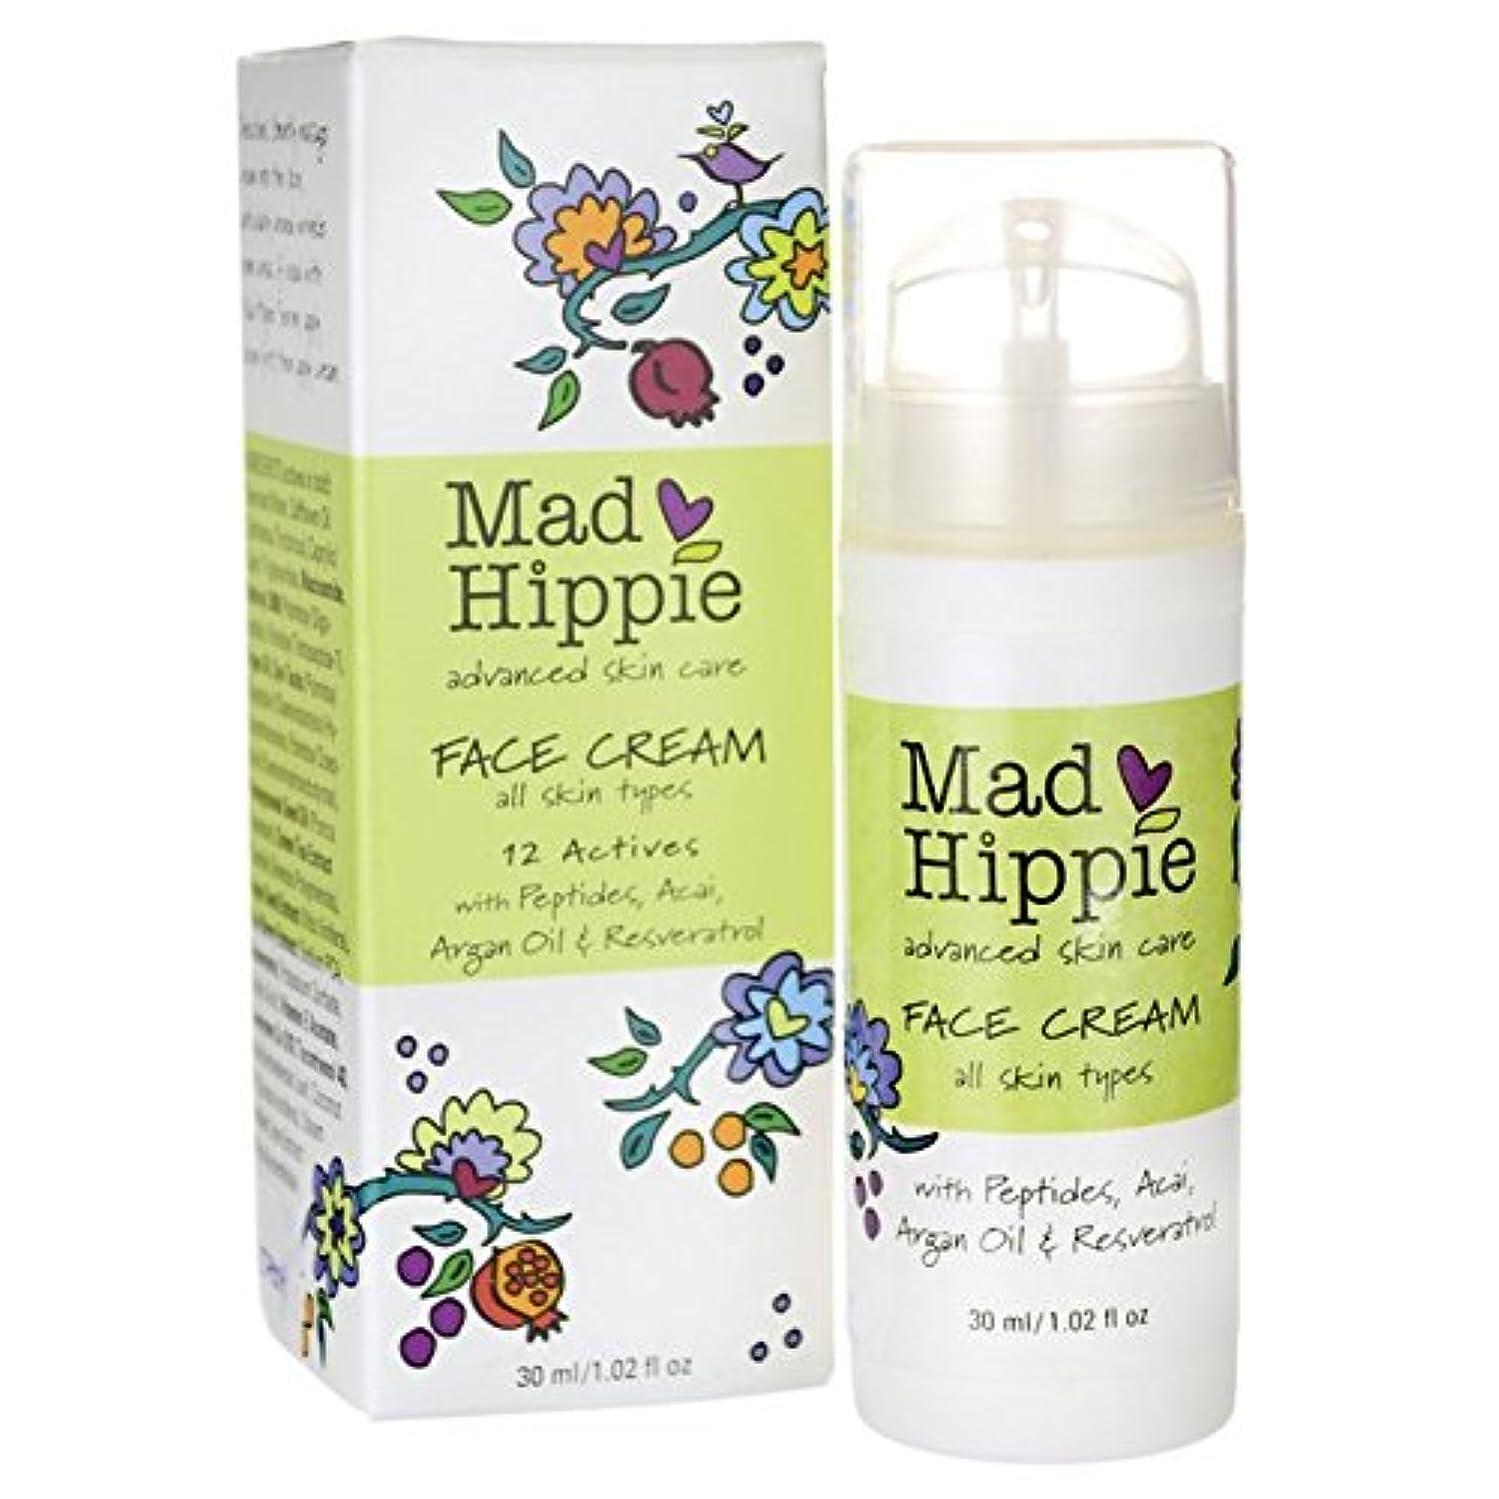 インフラ導入する解くMad Hippie Advanced Skin Care Face Cream 1.02 fl. oz. by Mad Hippie [並行輸入品]